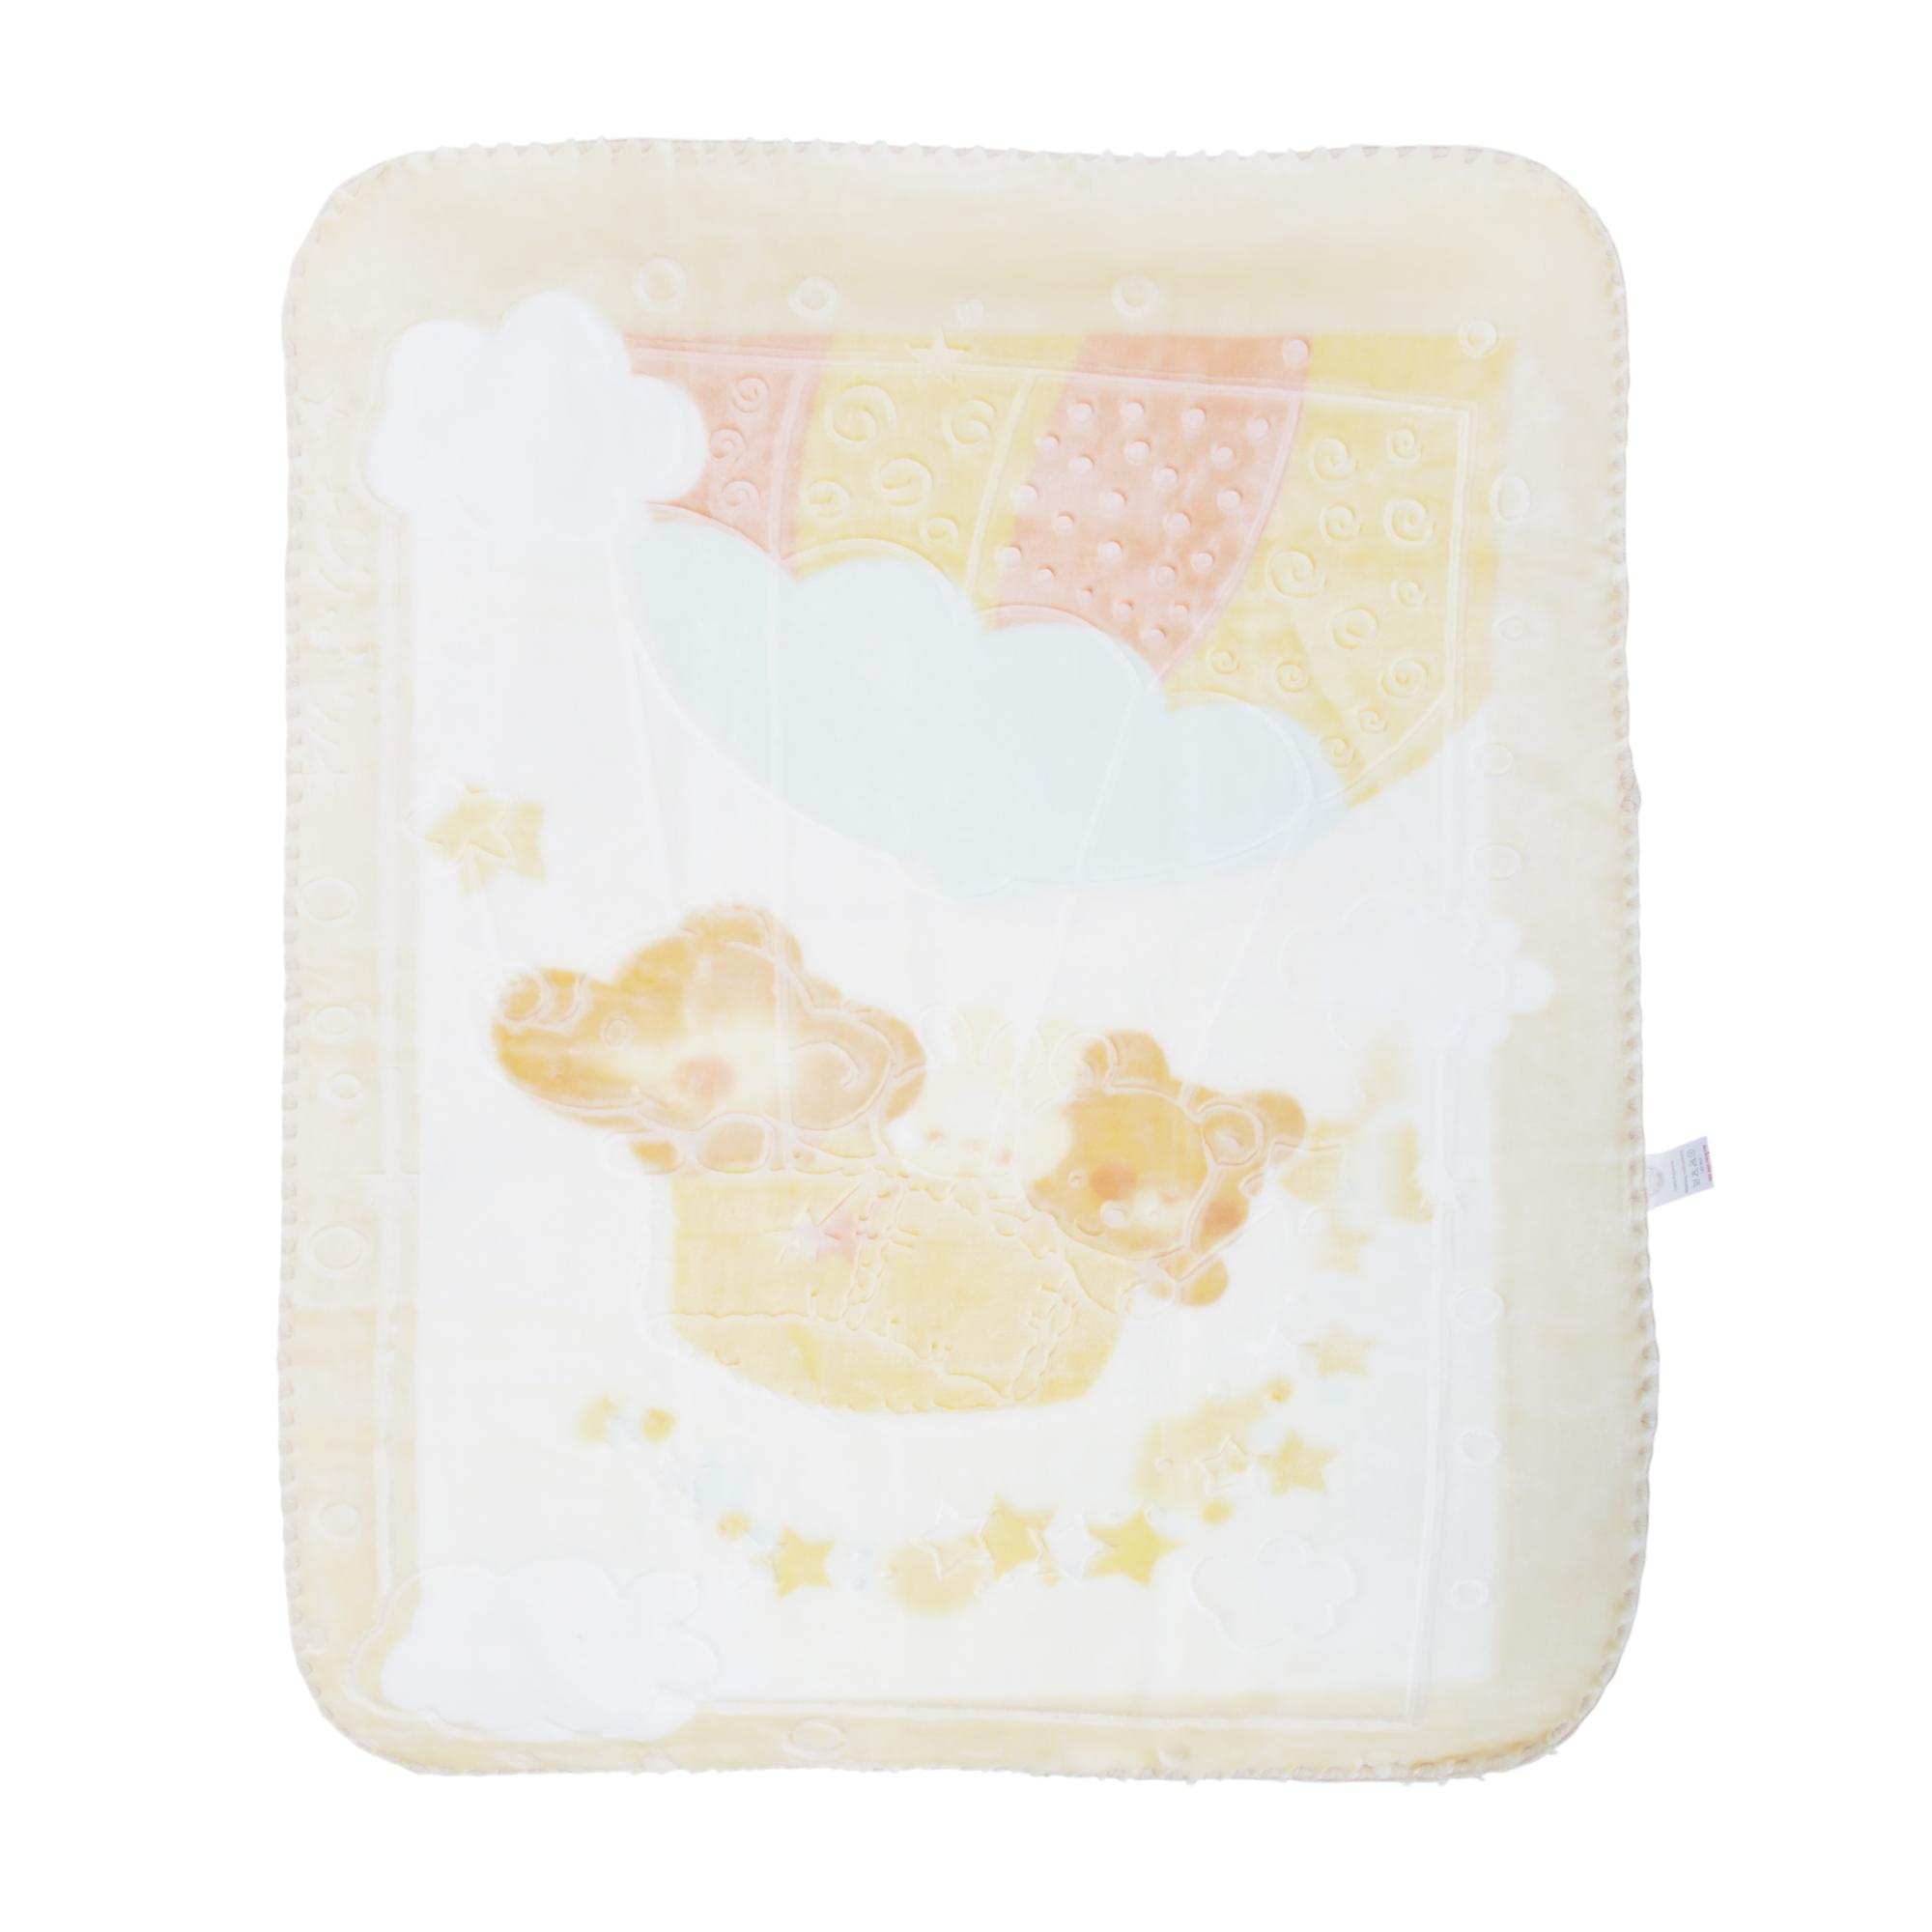 Manta-suave-con-diseno-de-oso-globo-para-bebe-BABY1140